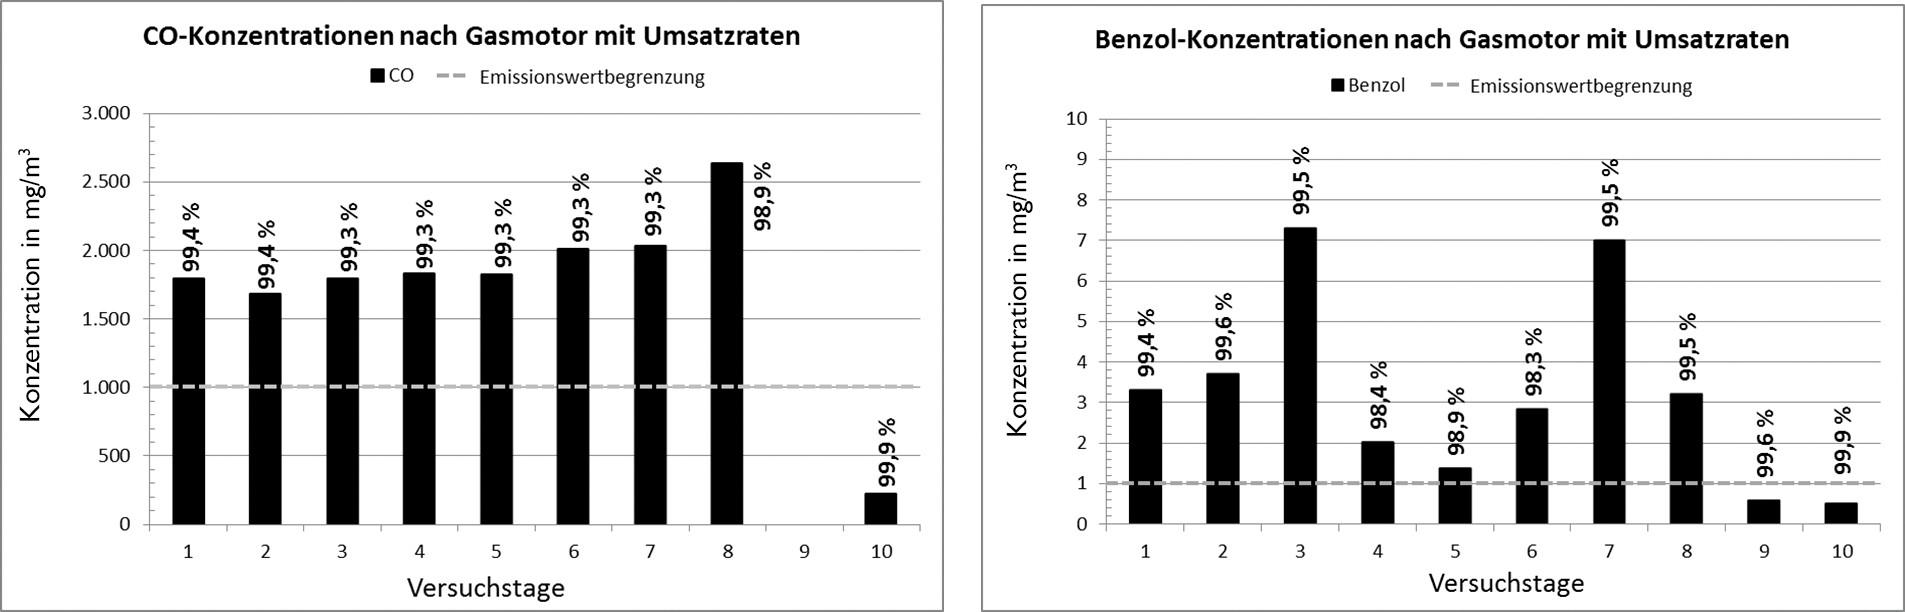 Bild 3. Konzentrationen von CO und Benzol im Abgas der Gasmotoren mit Umsatzraten. Quelle: Stadtwerke Rosenheim GmbH